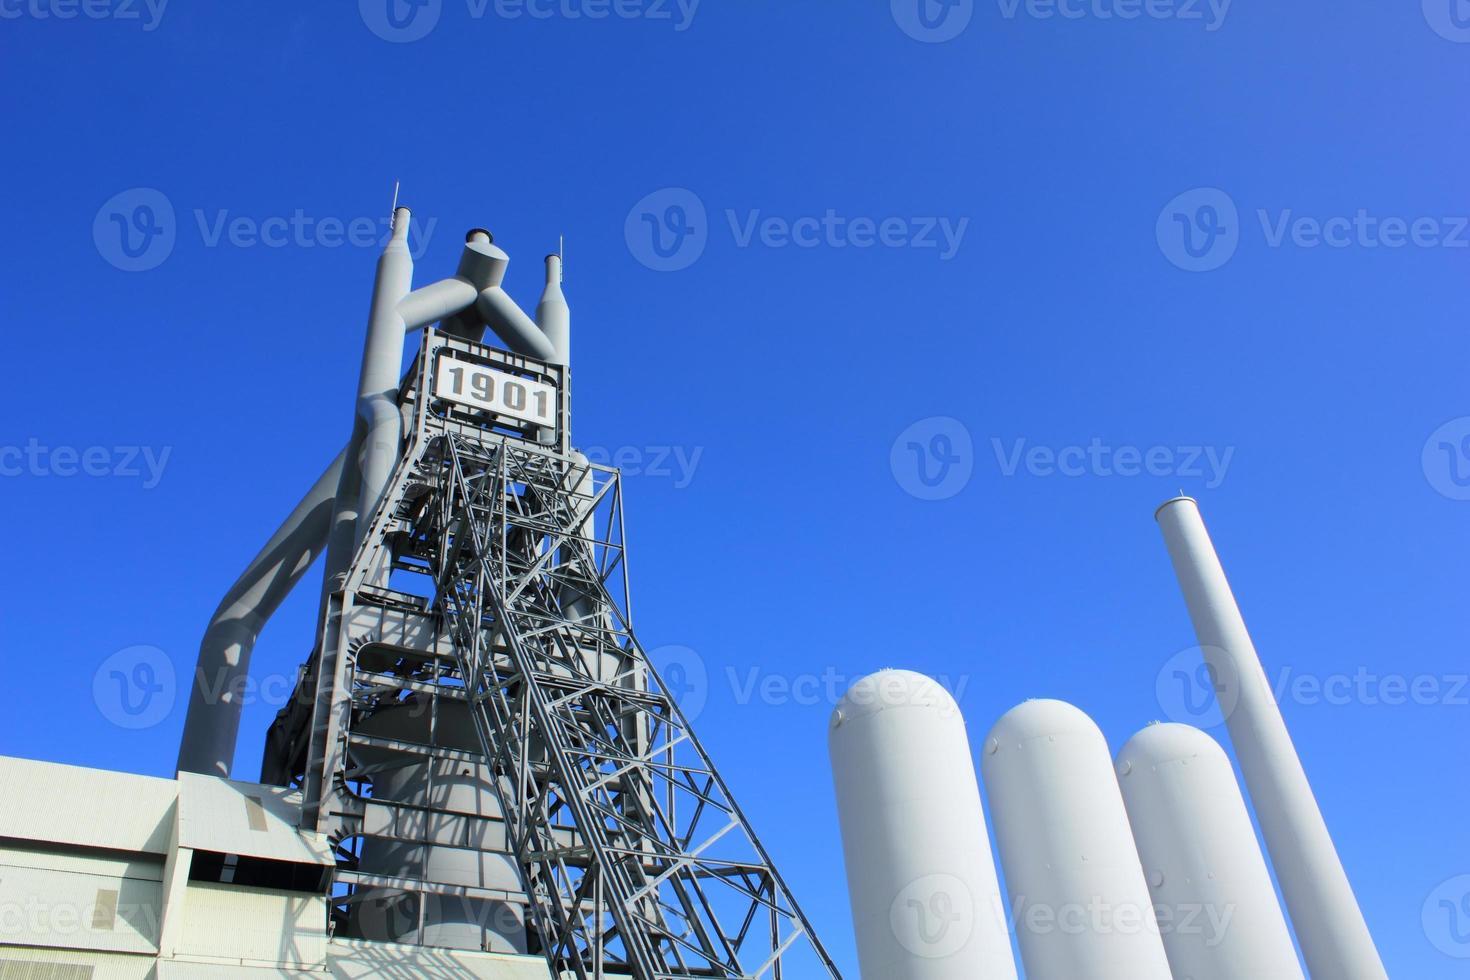 haut fourneau et un ciel bleu photo